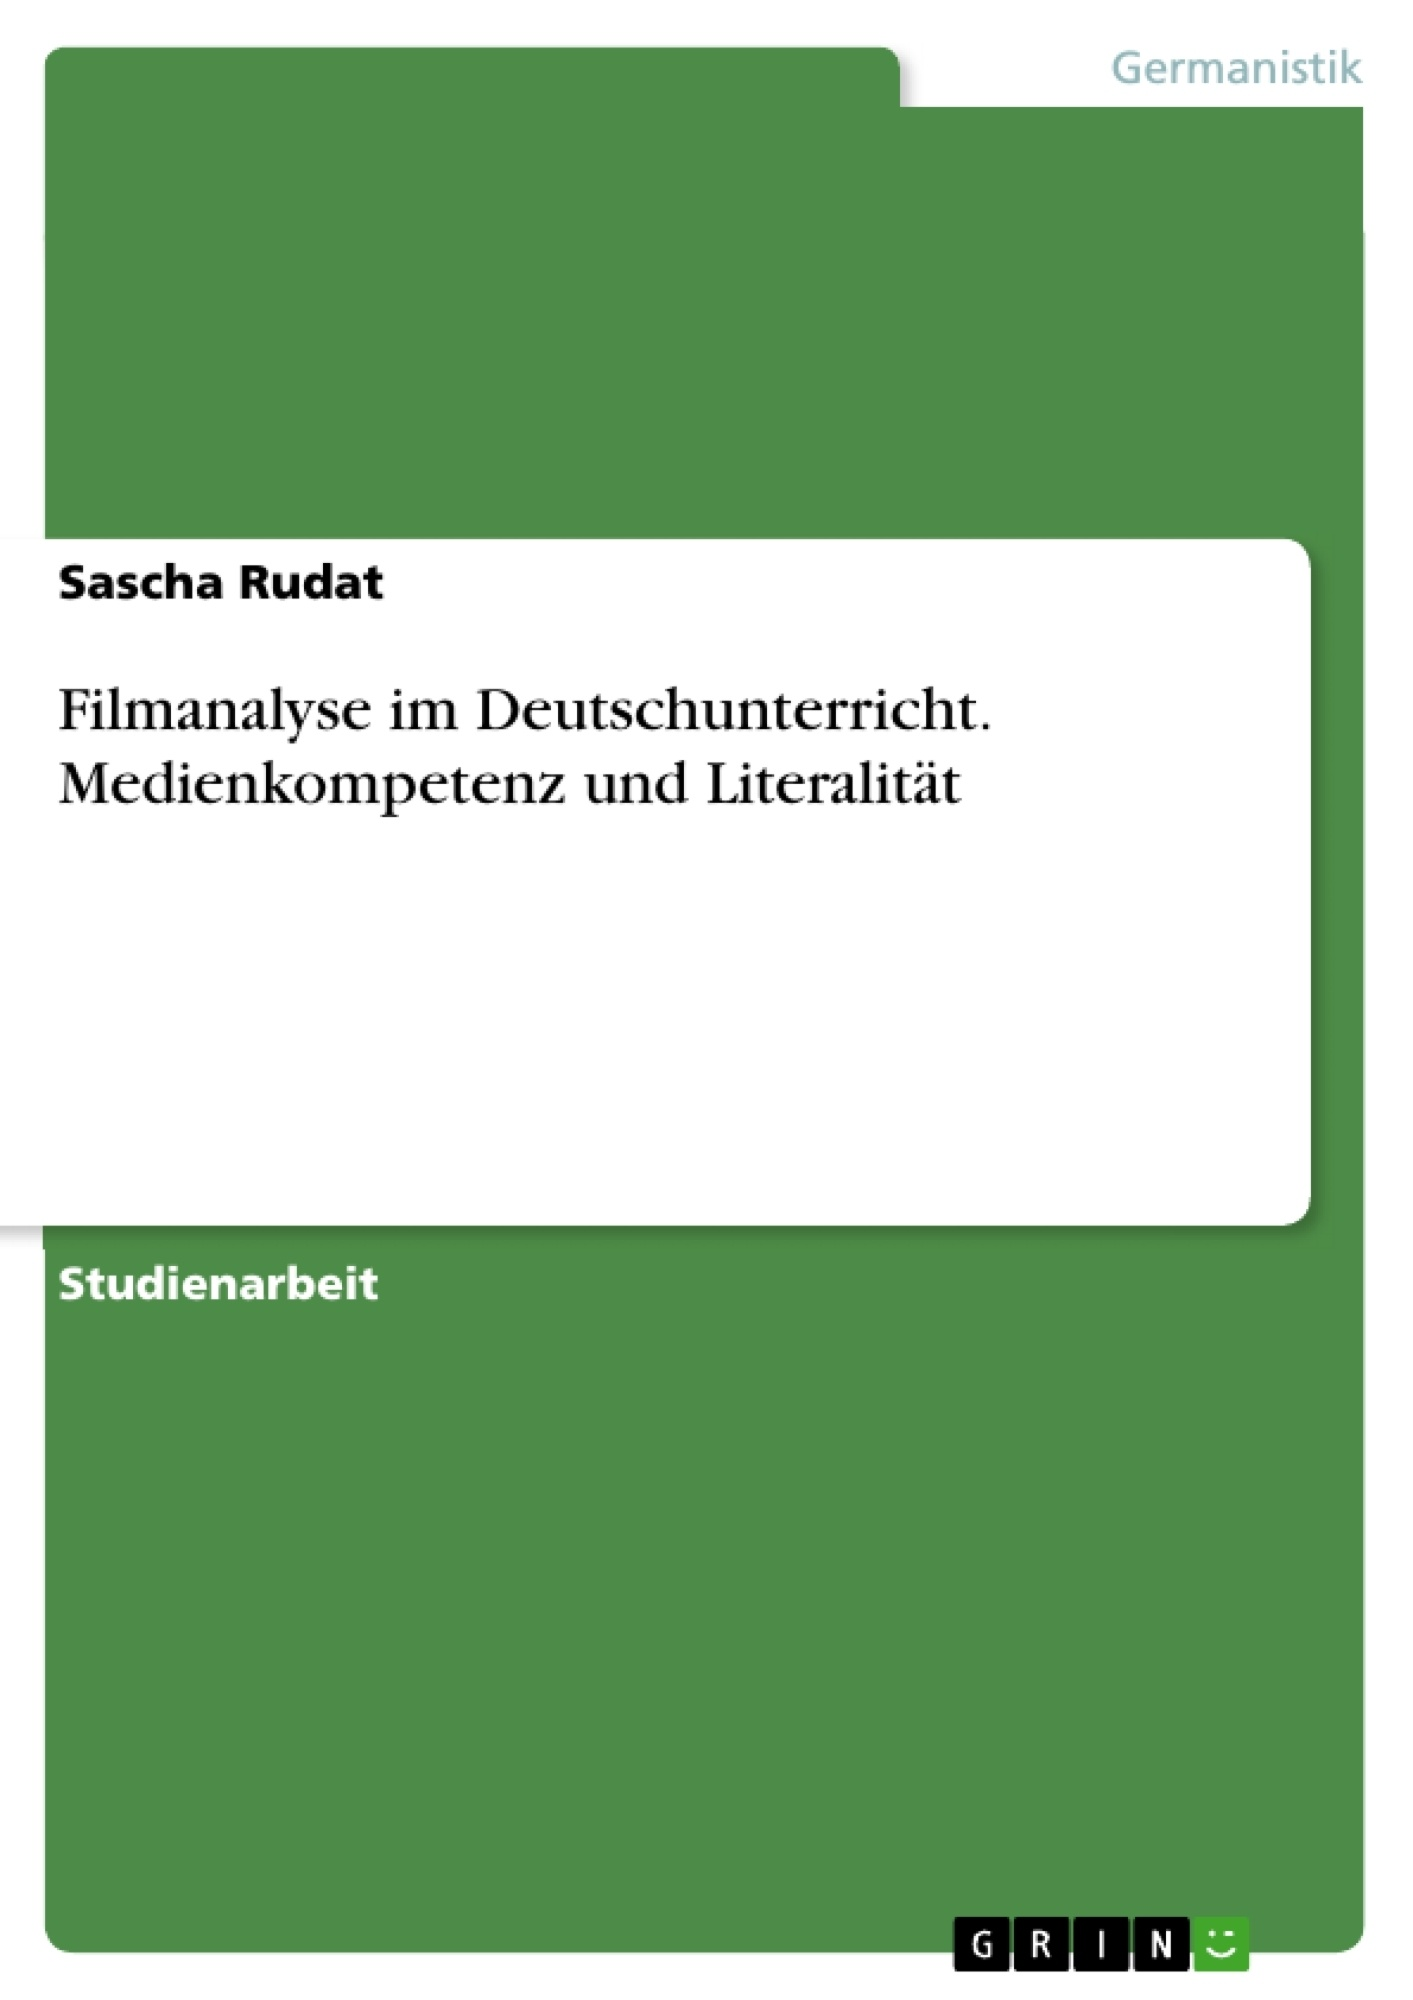 Titel: Filmanalyse im Deutschunterricht. Medienkompetenz und Literalität